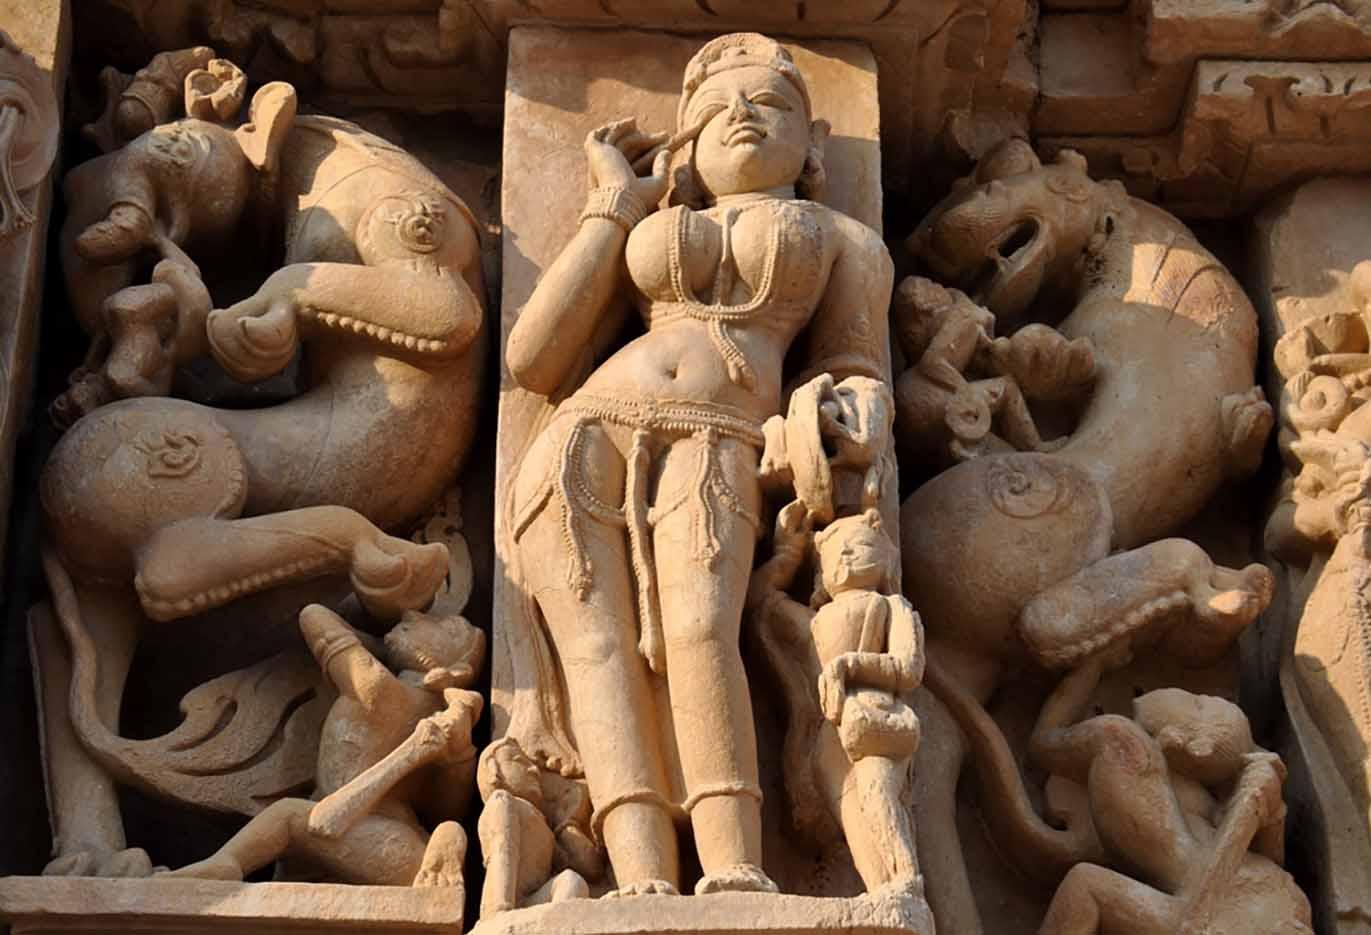 Храмы Кхаджурахо, Khajuraho Temples - 22